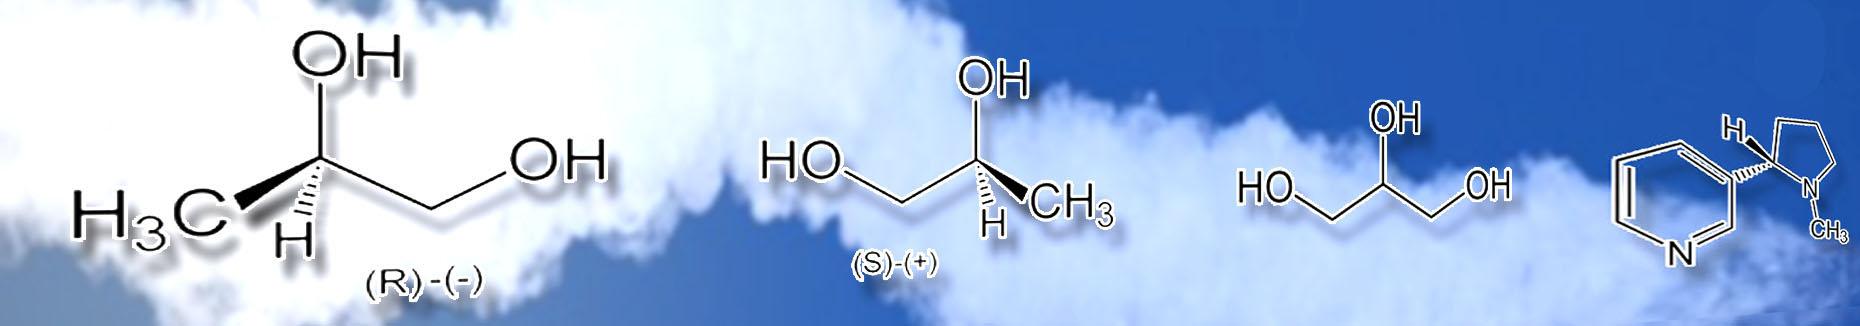 Liquid Zusammensetzung